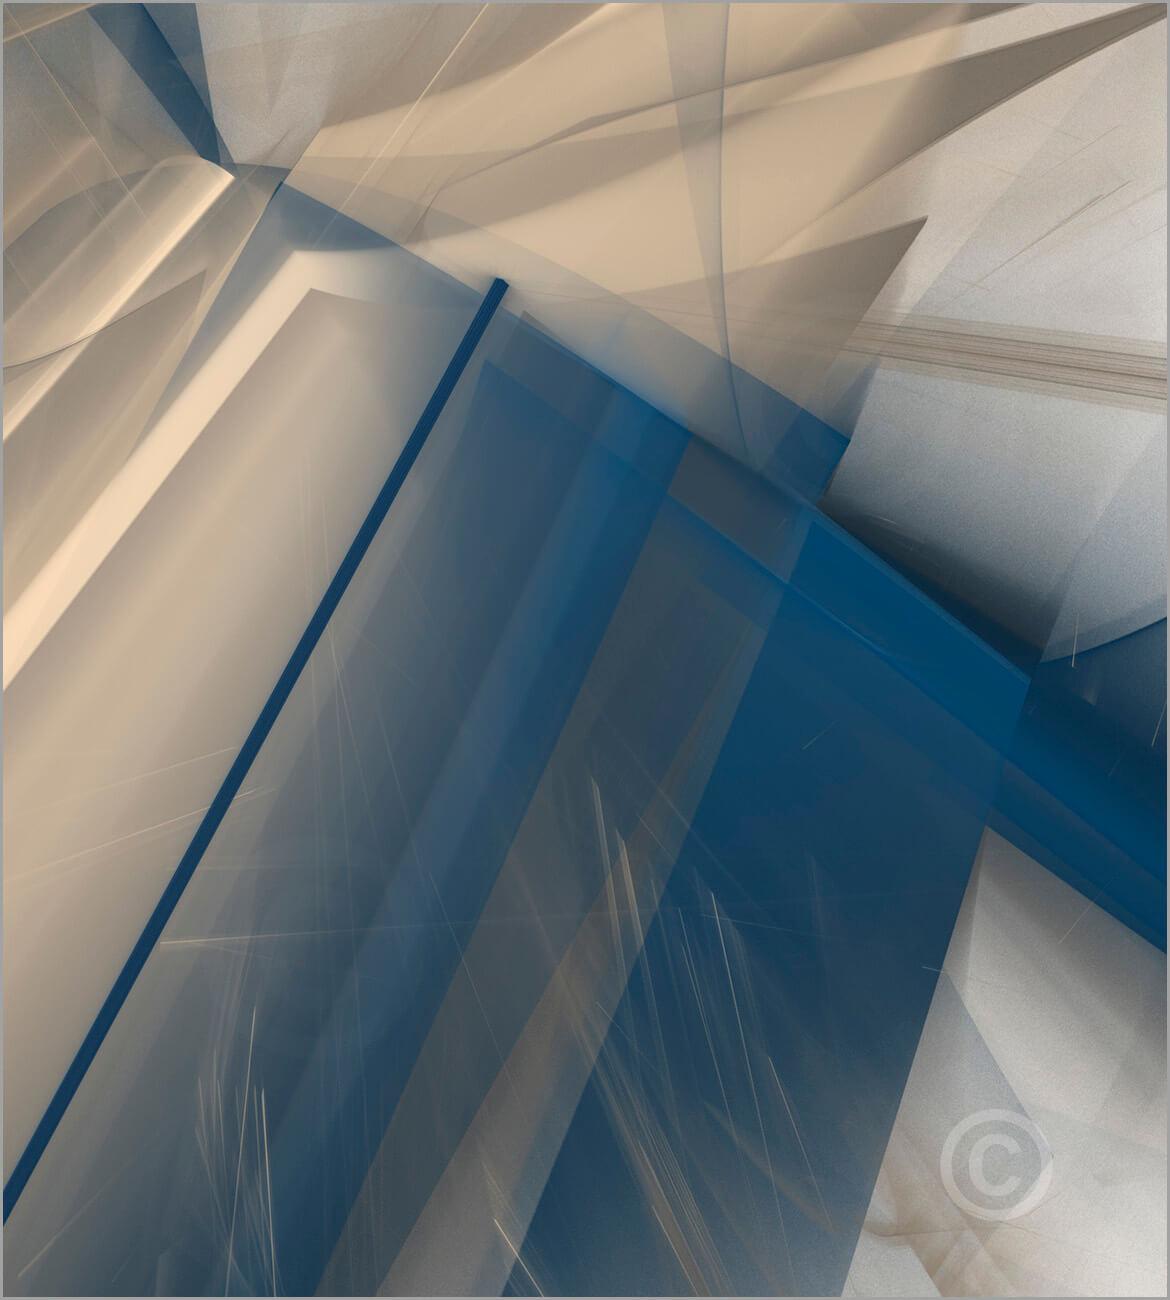 Shapes_F2_9981_M